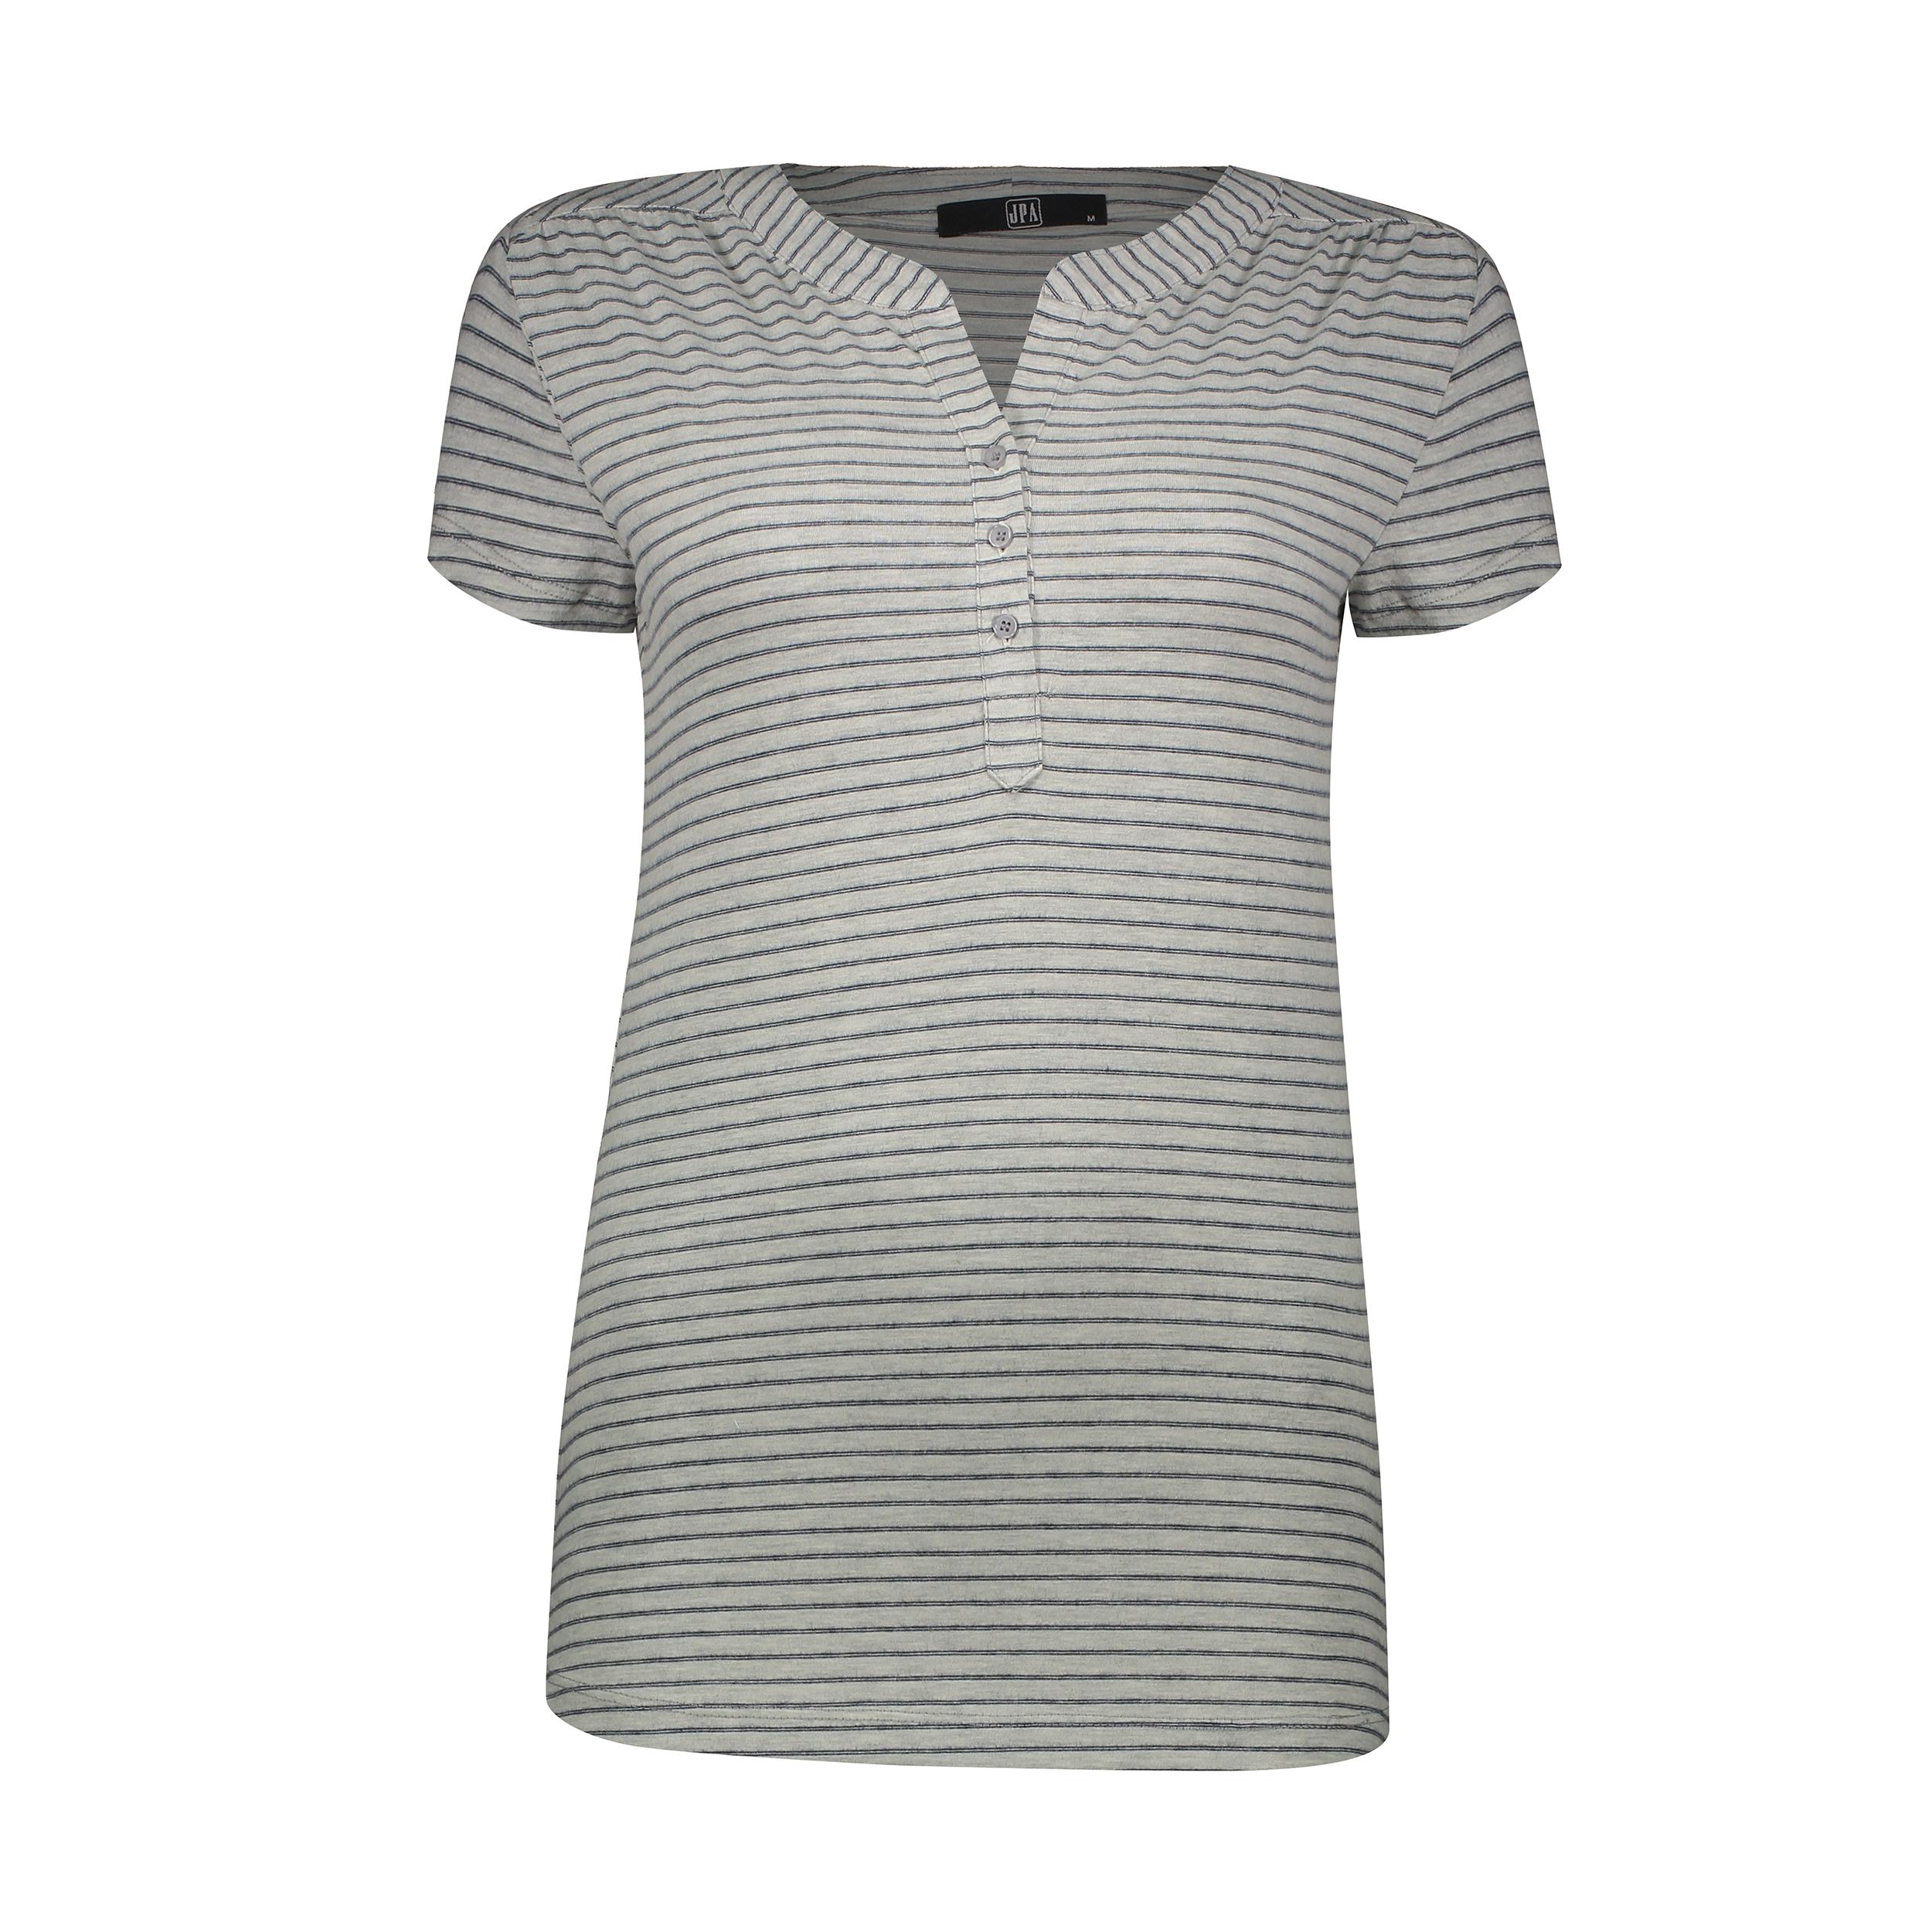 تی شرت زنانه جامه پوش آرا مدل 4012018470-59